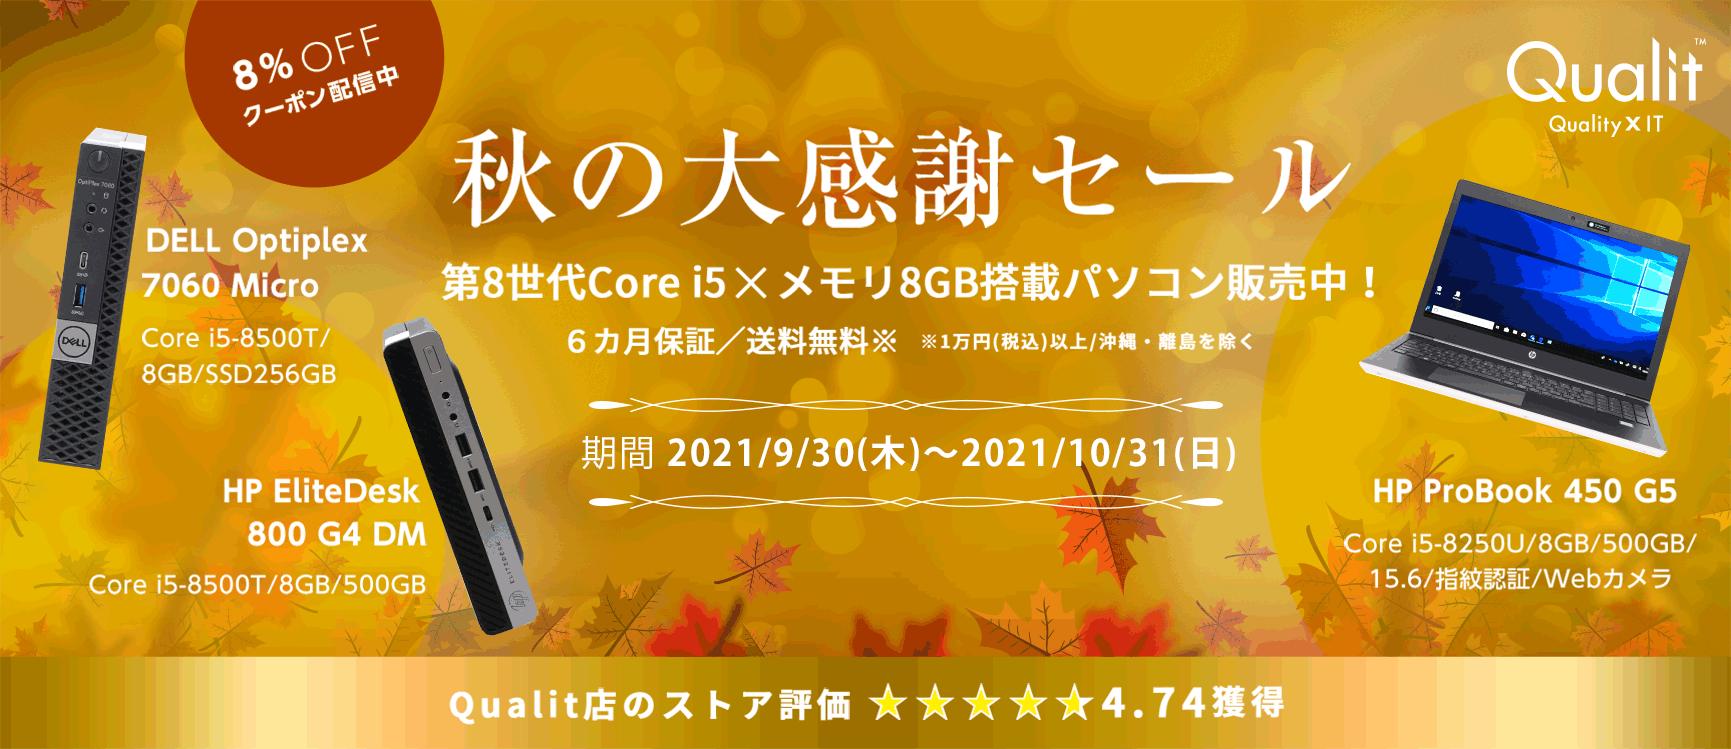 Qualit クオリット 秋の大感謝セール 第8世代Corei5×メモリ8GB搭載パソコン販売中! 6カ月保証/送料無料※ 2021/9/30(木)~2021/10/31(日) Qualit店のストア評価★4.74獲得